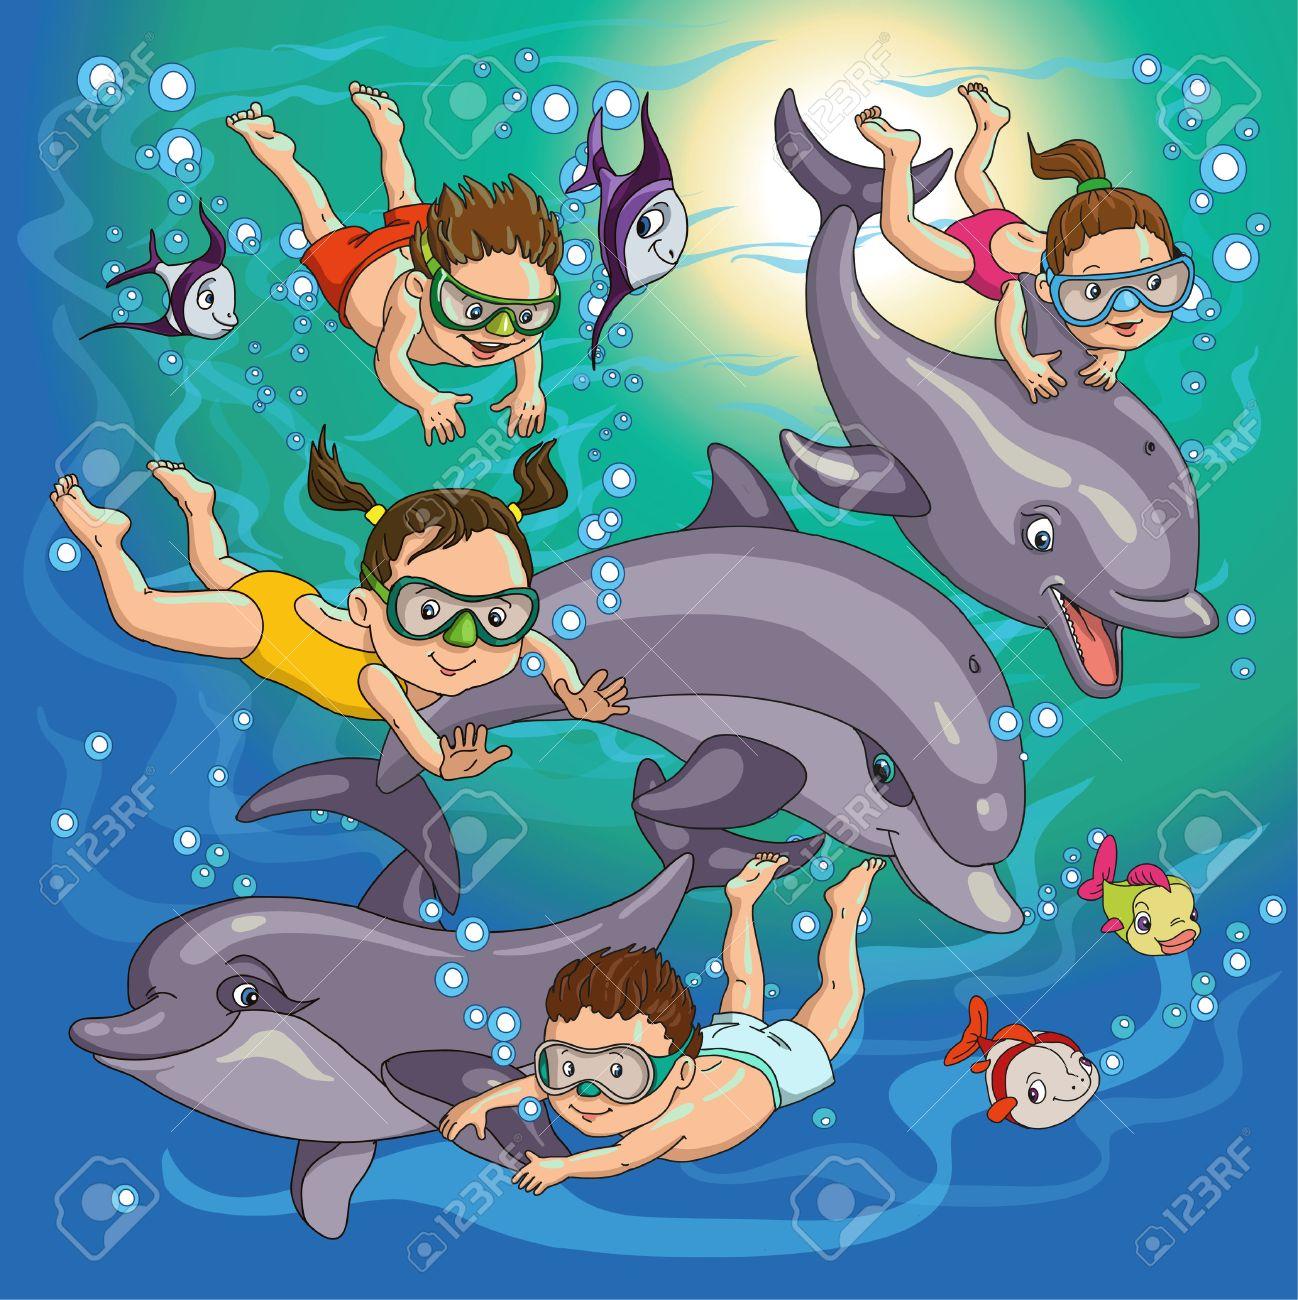 Niños De Dibujos Animados Nadar Con Delfines Y Peces Ilustraciones Vectoriales Clip Art Vectorizado Libre De Derechos Image 46515284